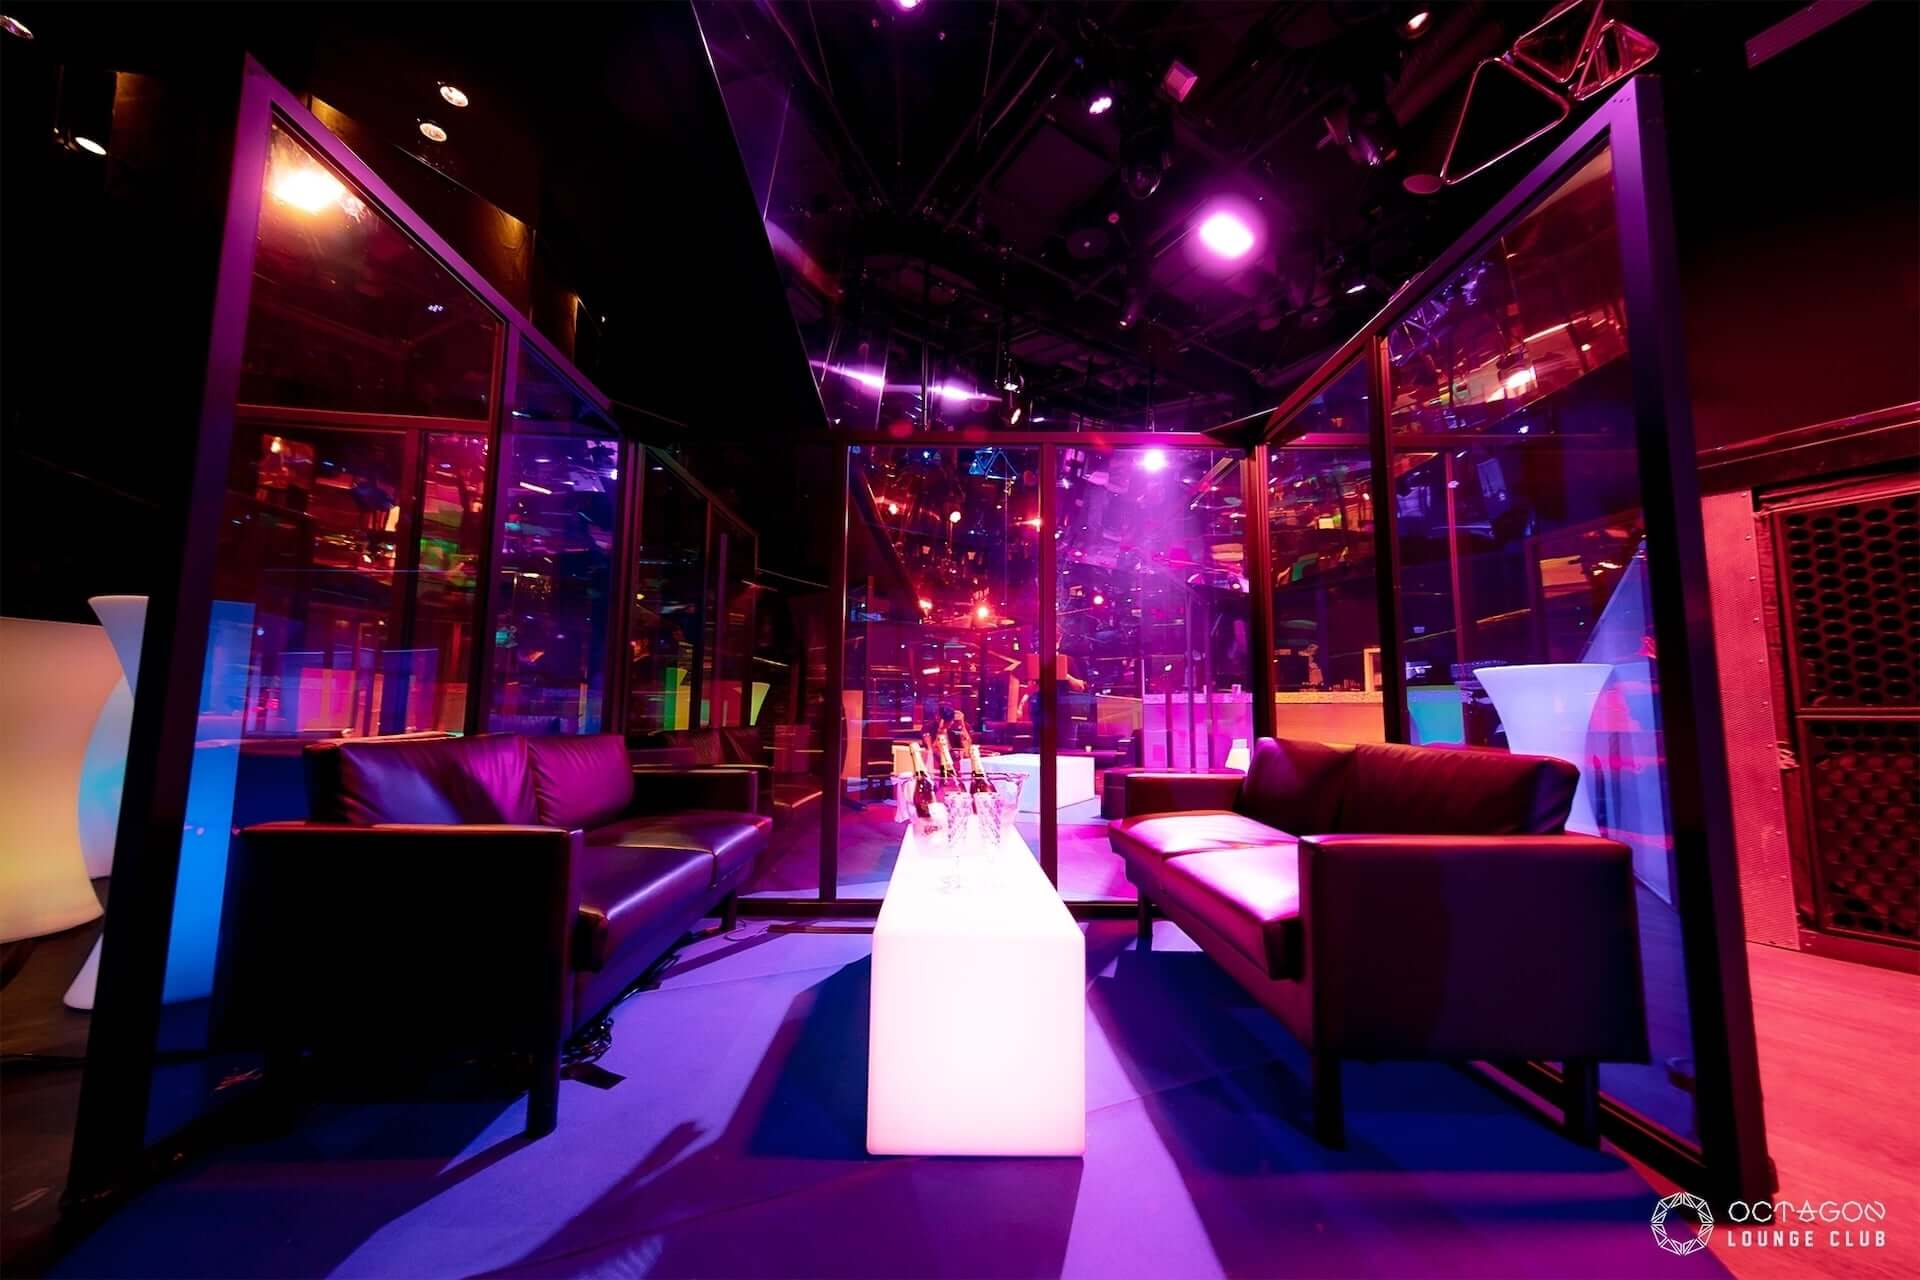 六本木「SEL OCTAGON TOKYO」が日本初のラウンジクラブとしてリニューアルオープン!個室感覚の新たなナイトライフを提案 music201006_sel-octagon-tokyo_6-1920x1280